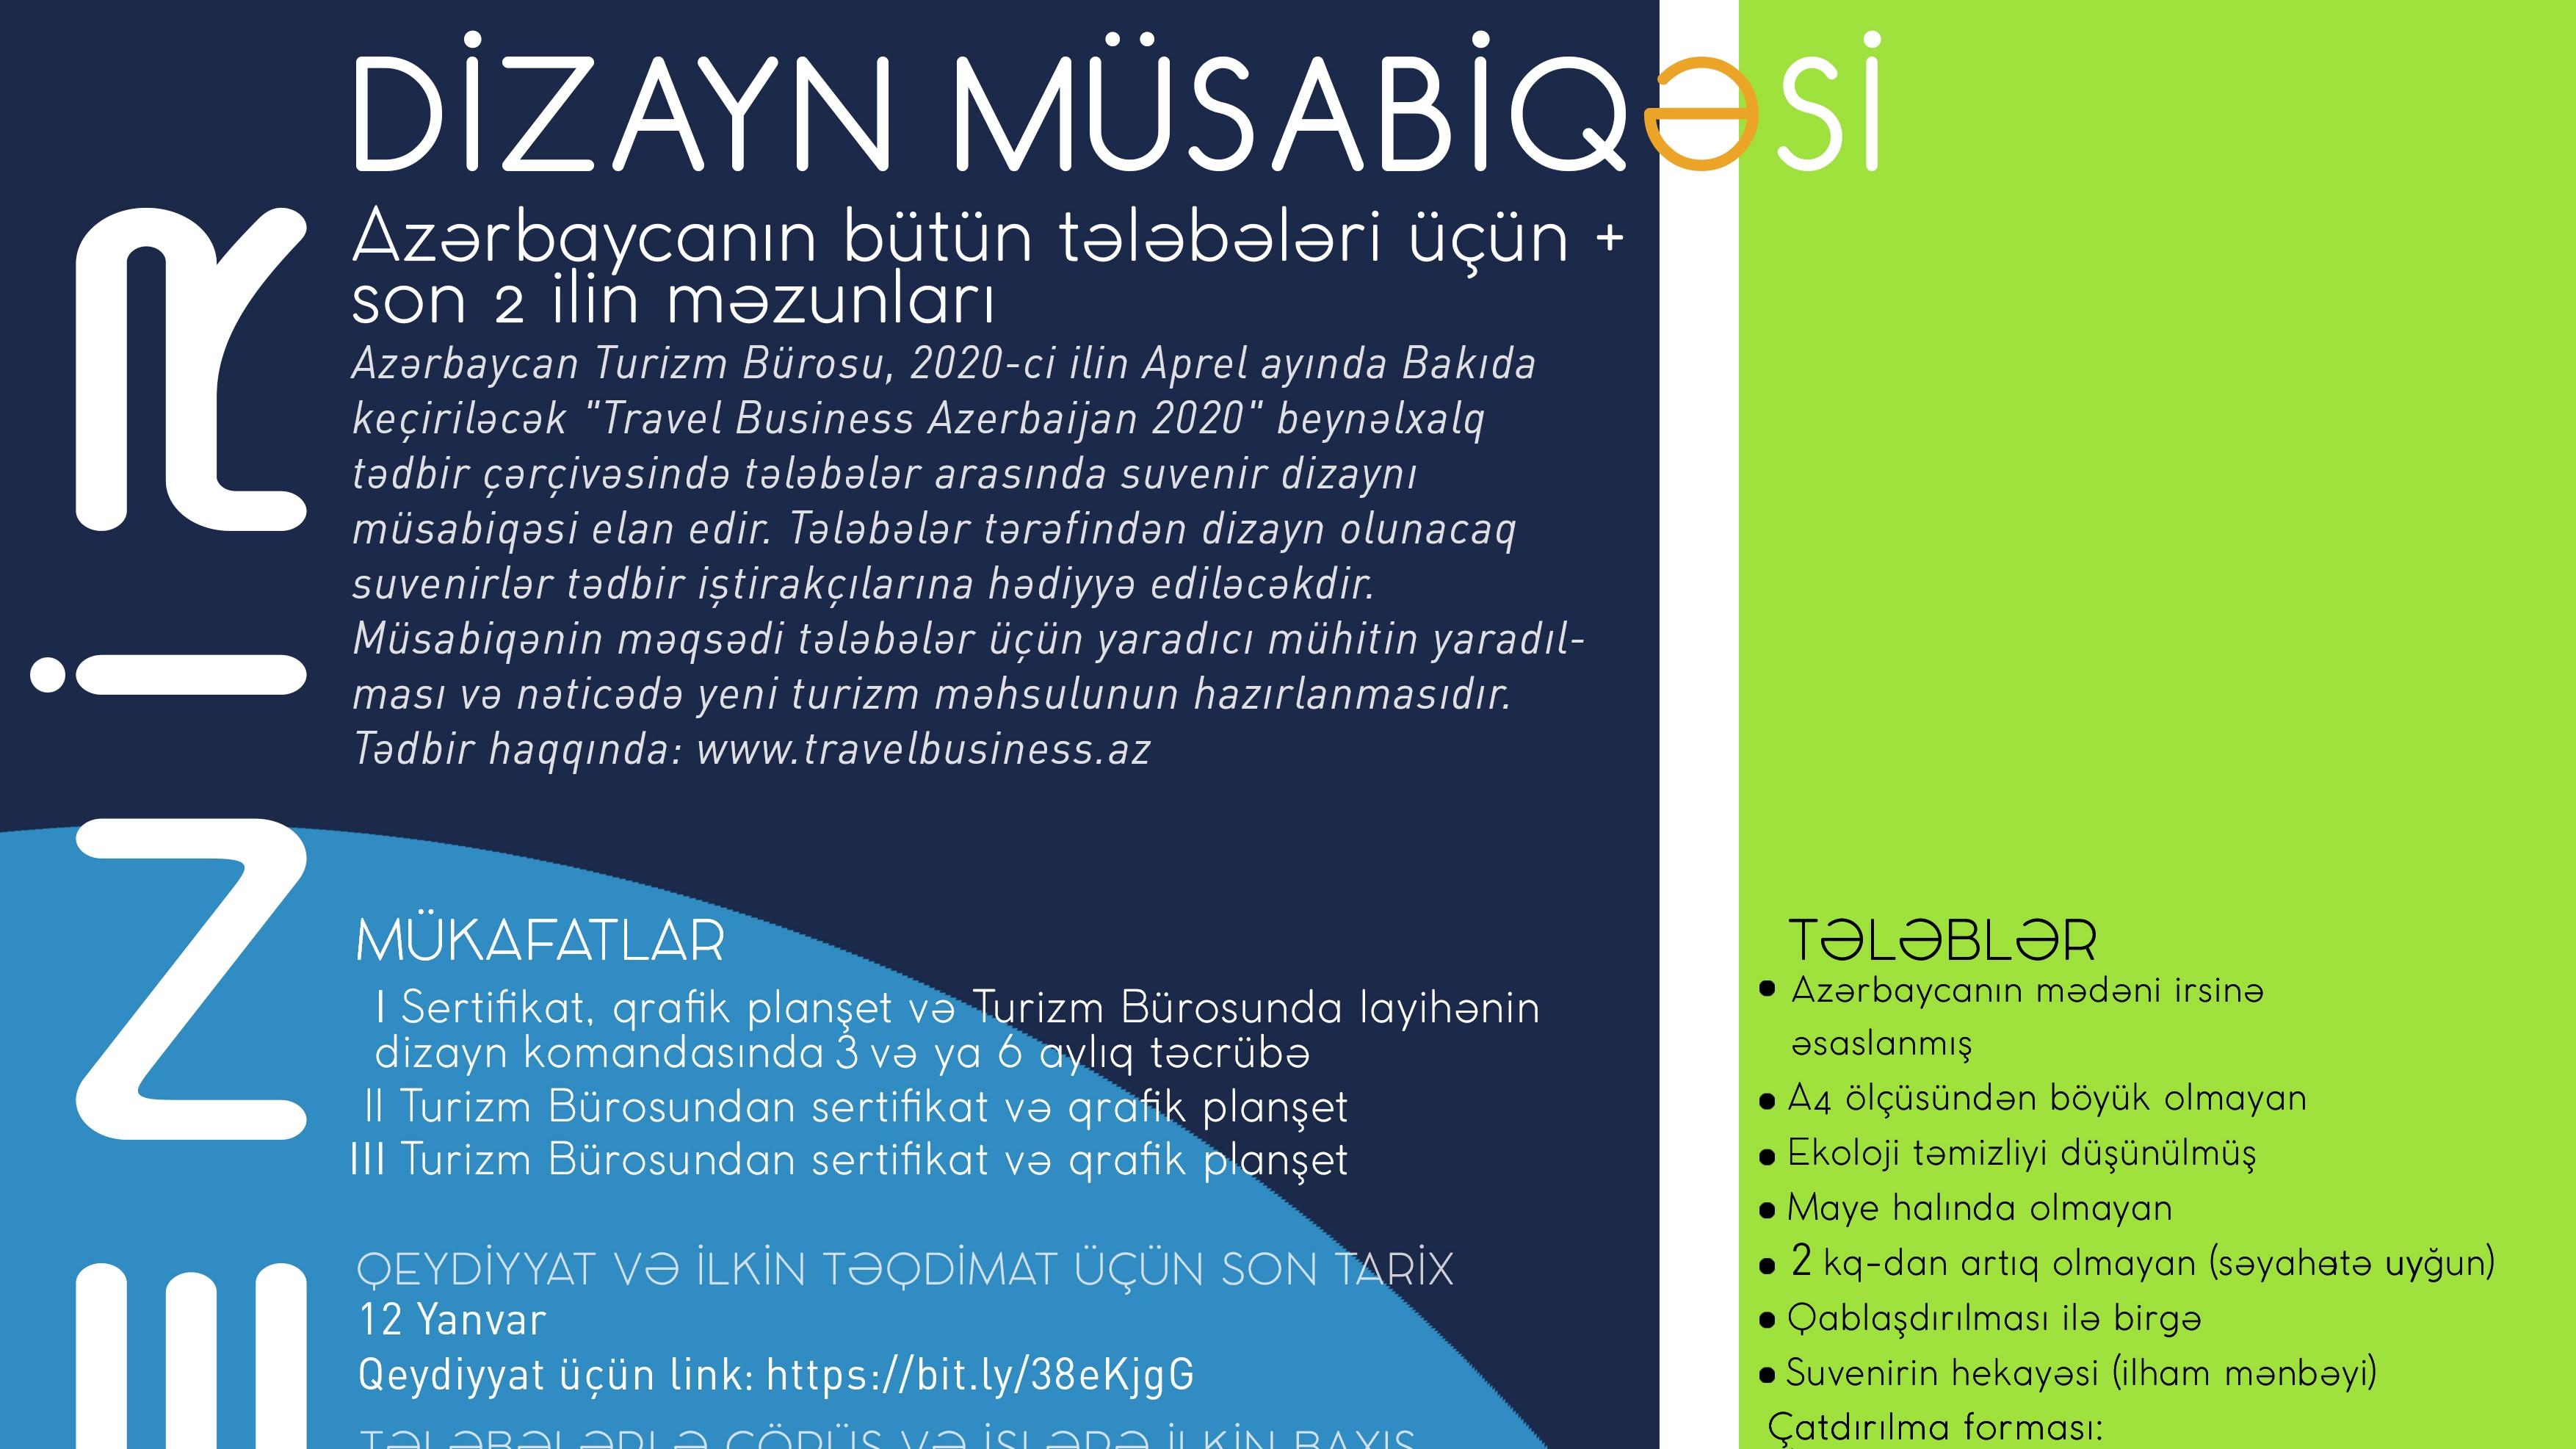 Azərbaycan Turizm Bürosu suvenir dizaynı müsabiqəsi elan edir